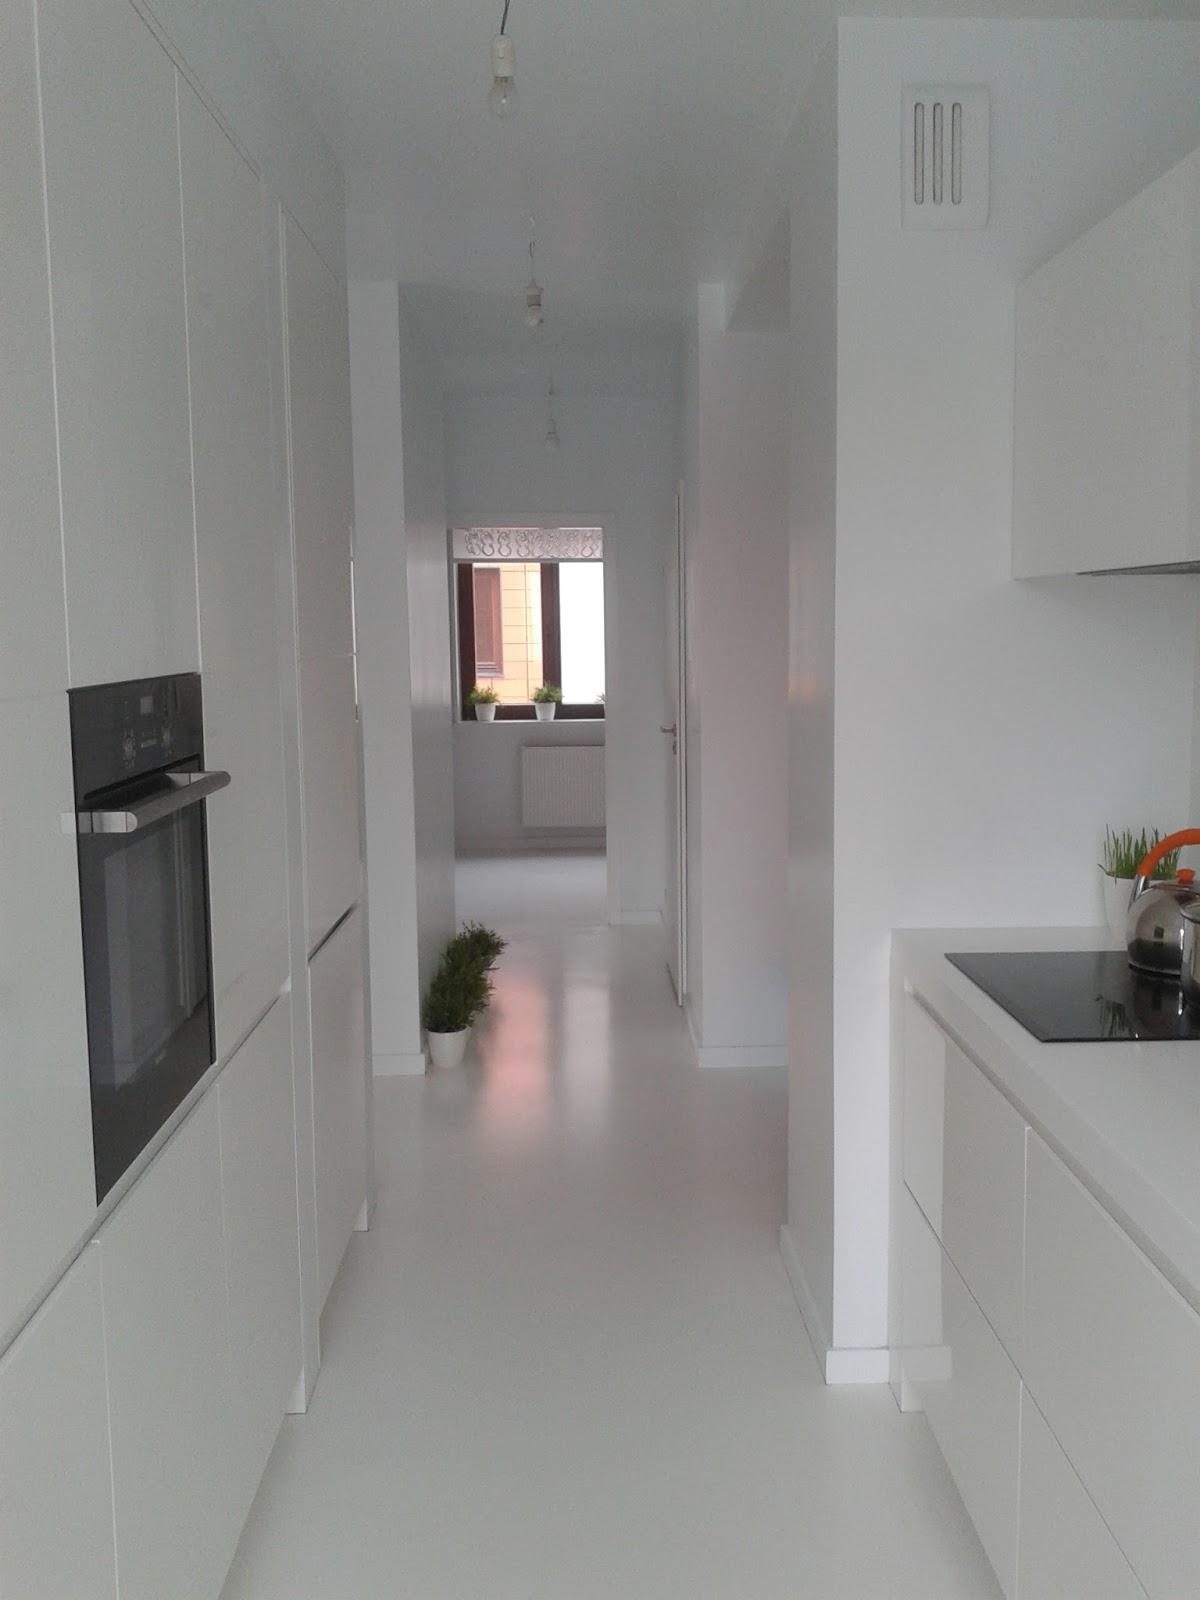 Nowoczesna, minimalistyczna kuchnia na wysoki połysk, białe meble kuchenne, białe wnętrze, biała podłoga